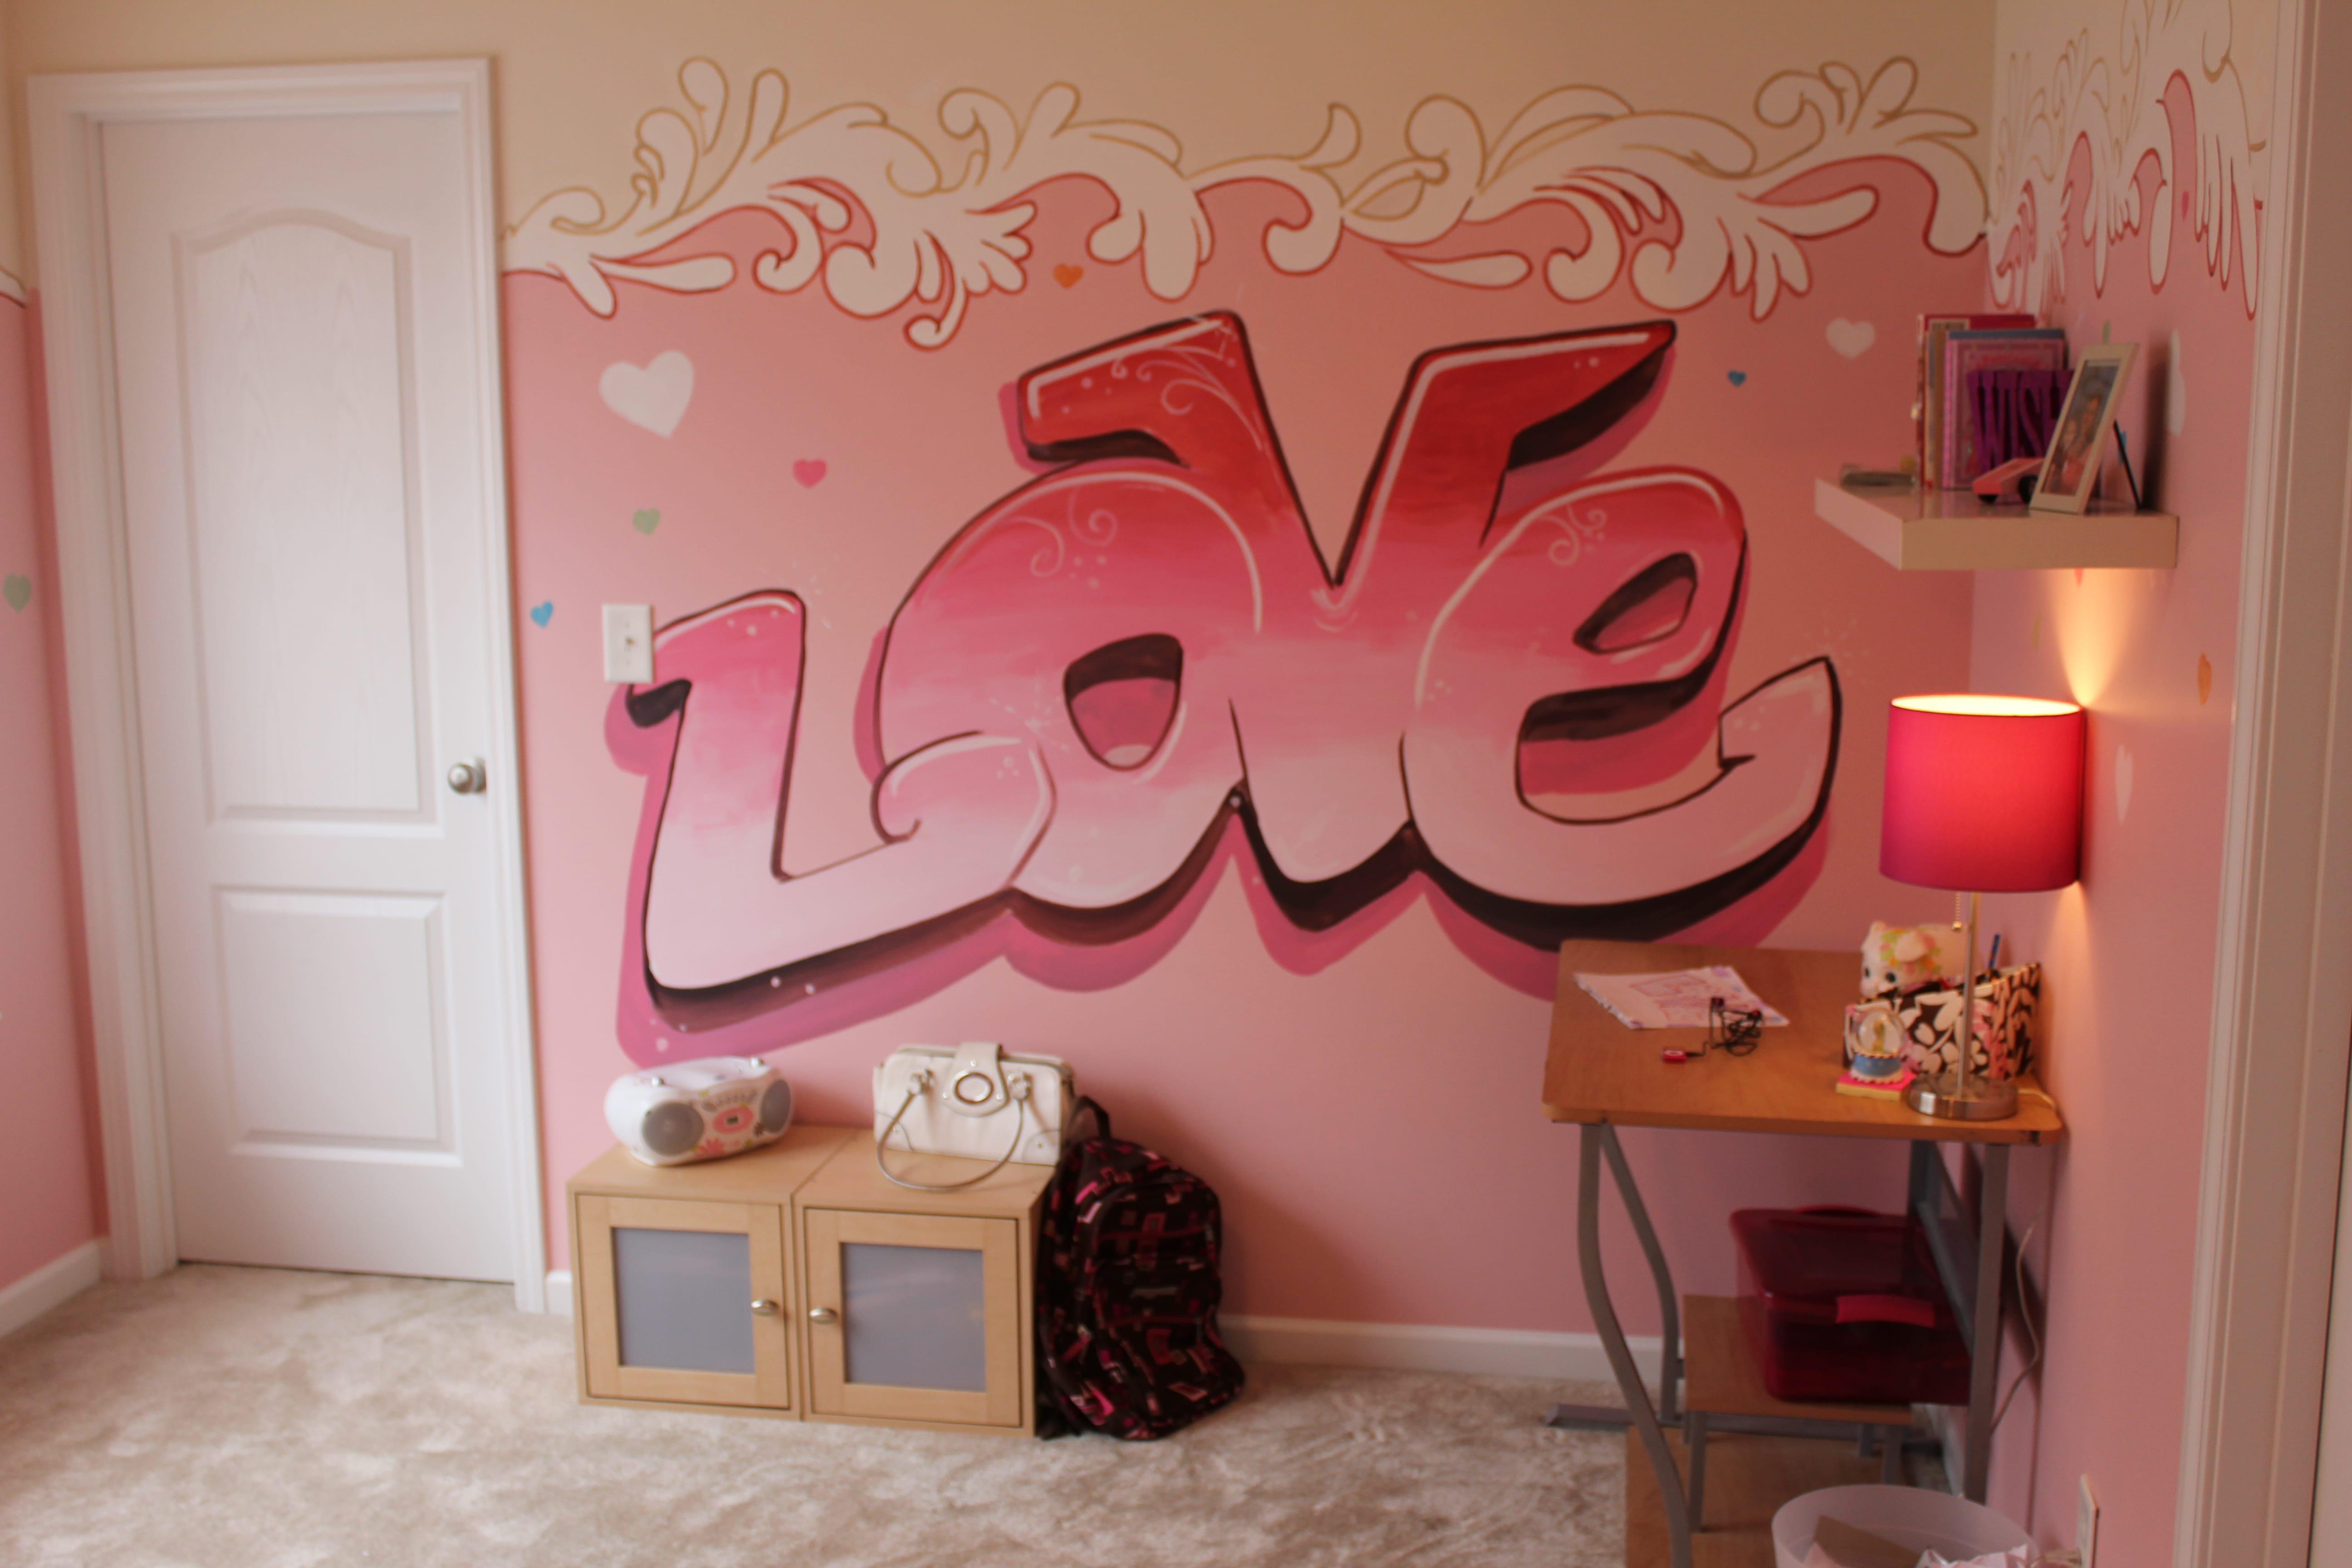 rosa Wandfarbe mit Love schrift- teppich beige- schreibtisch aus holz mit nachttischlampe in pink